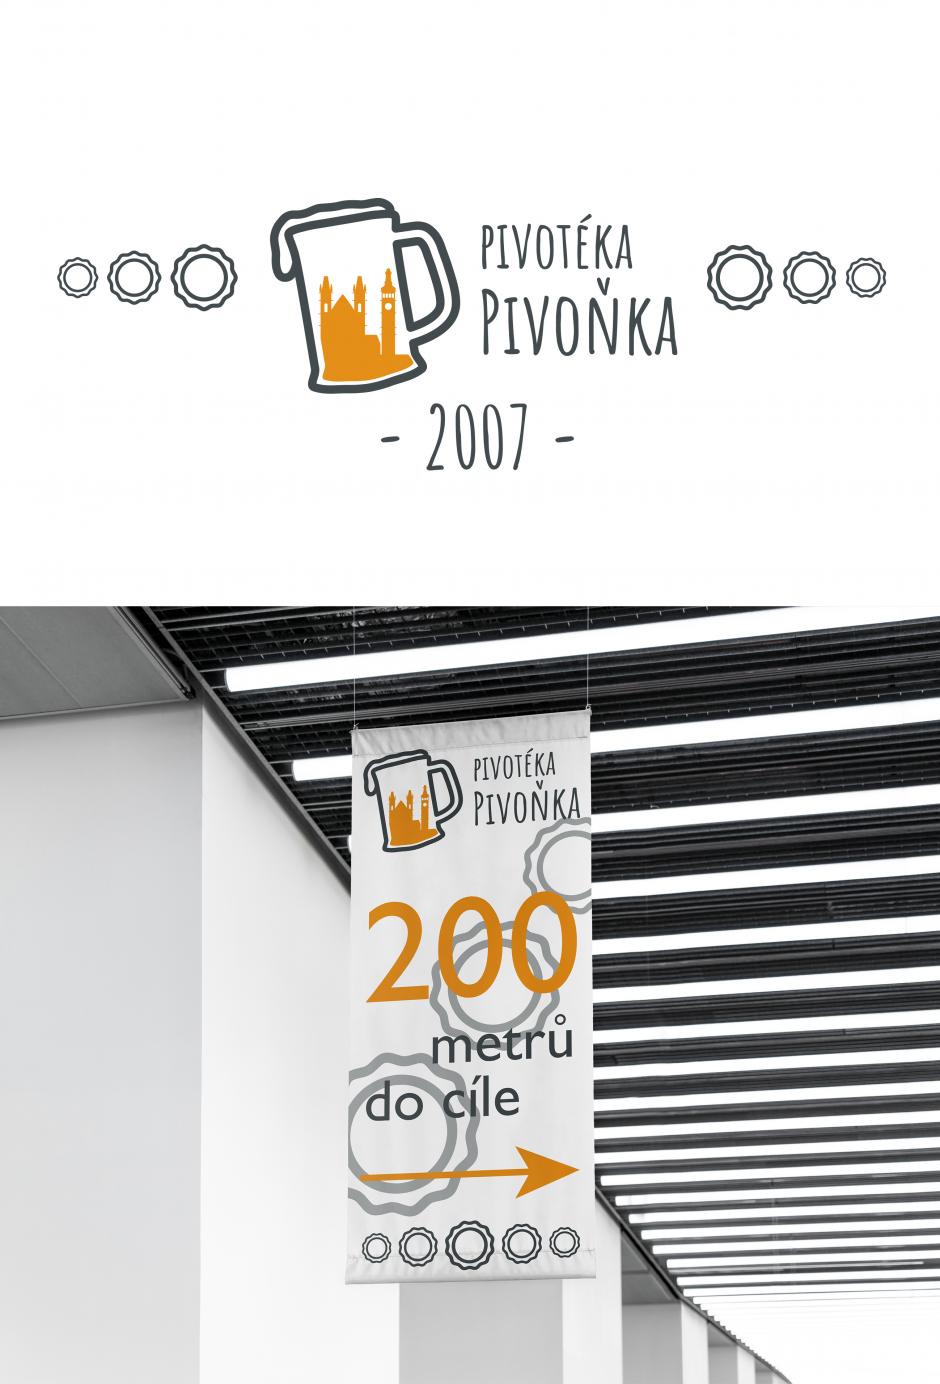 [Logo by Jerysek]